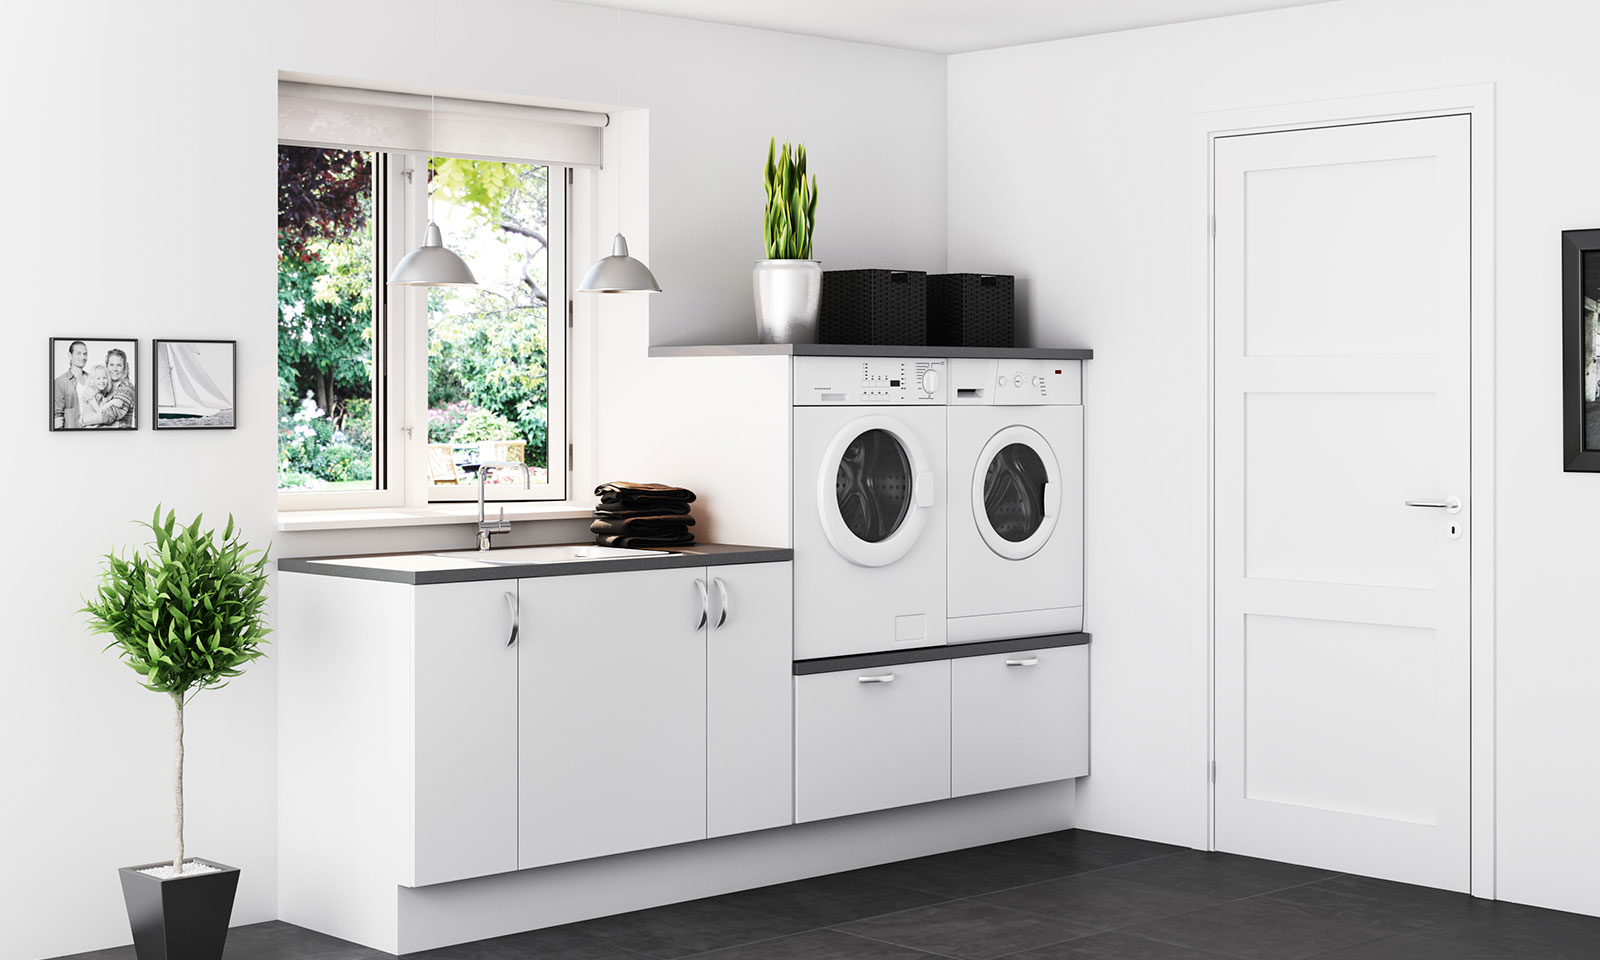 roma vaskerom nordsj kj kken. Black Bedroom Furniture Sets. Home Design Ideas